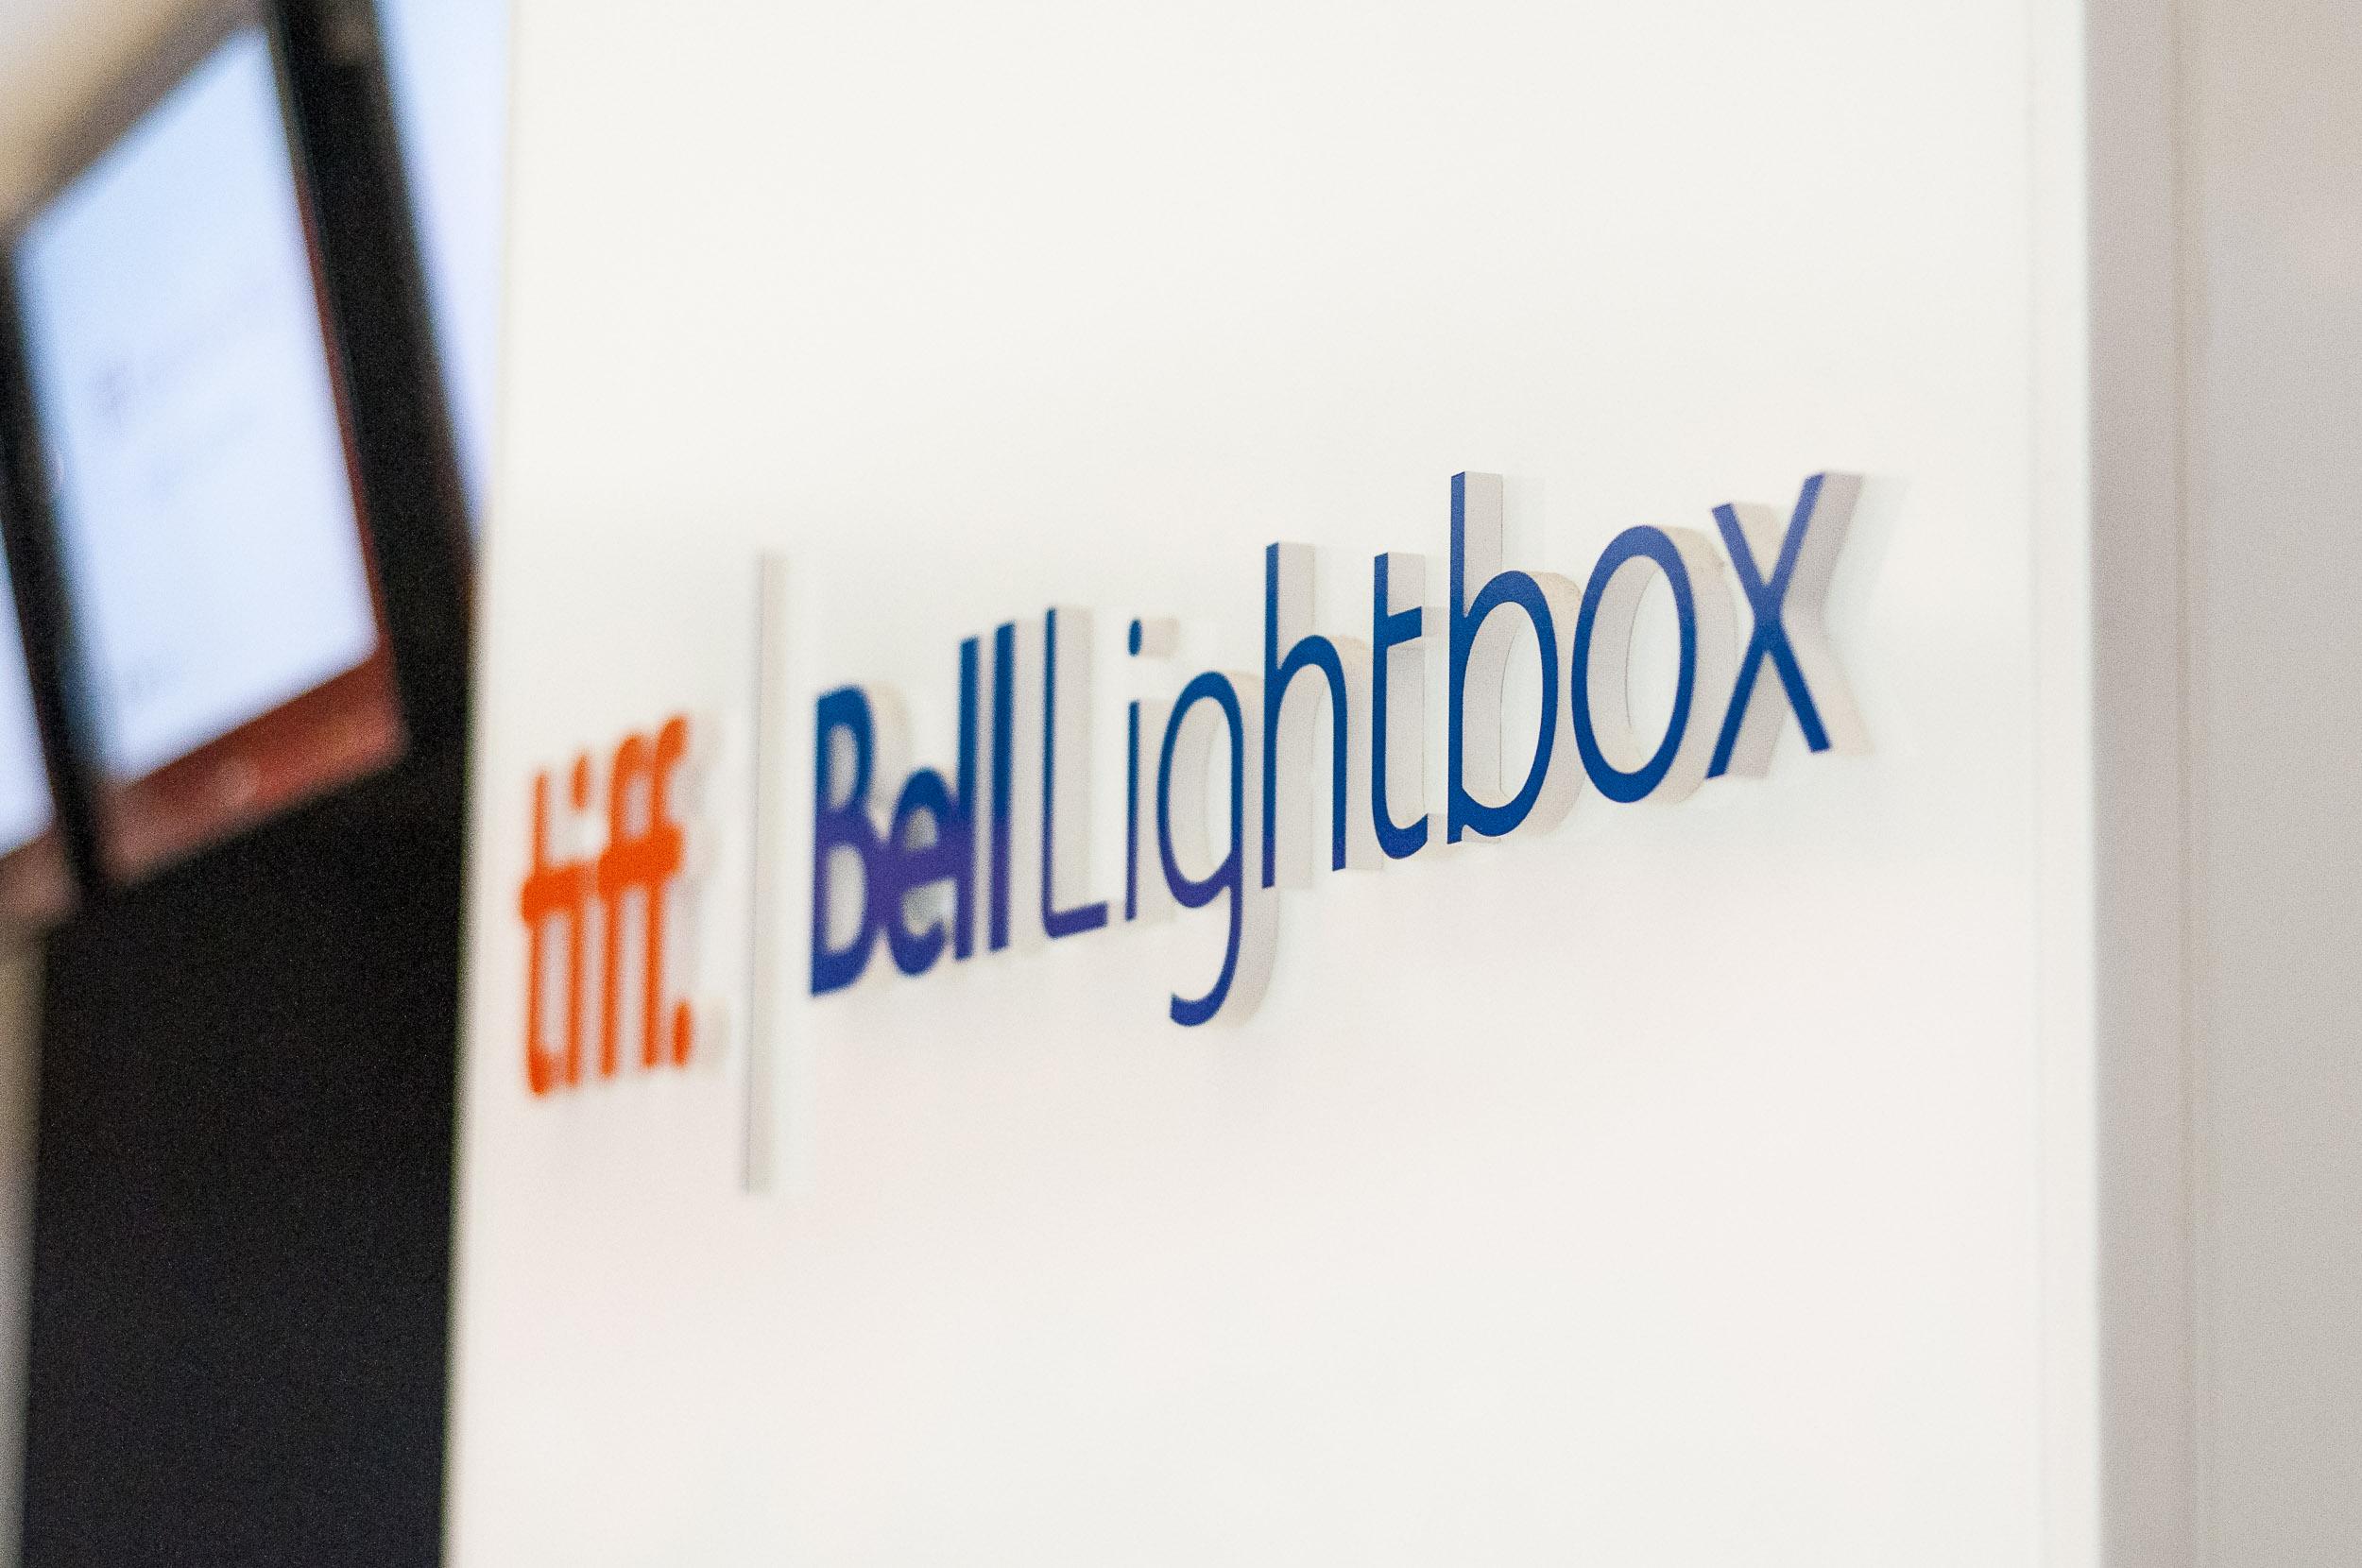 Tiff Bell Lightbox-719923883.jpg